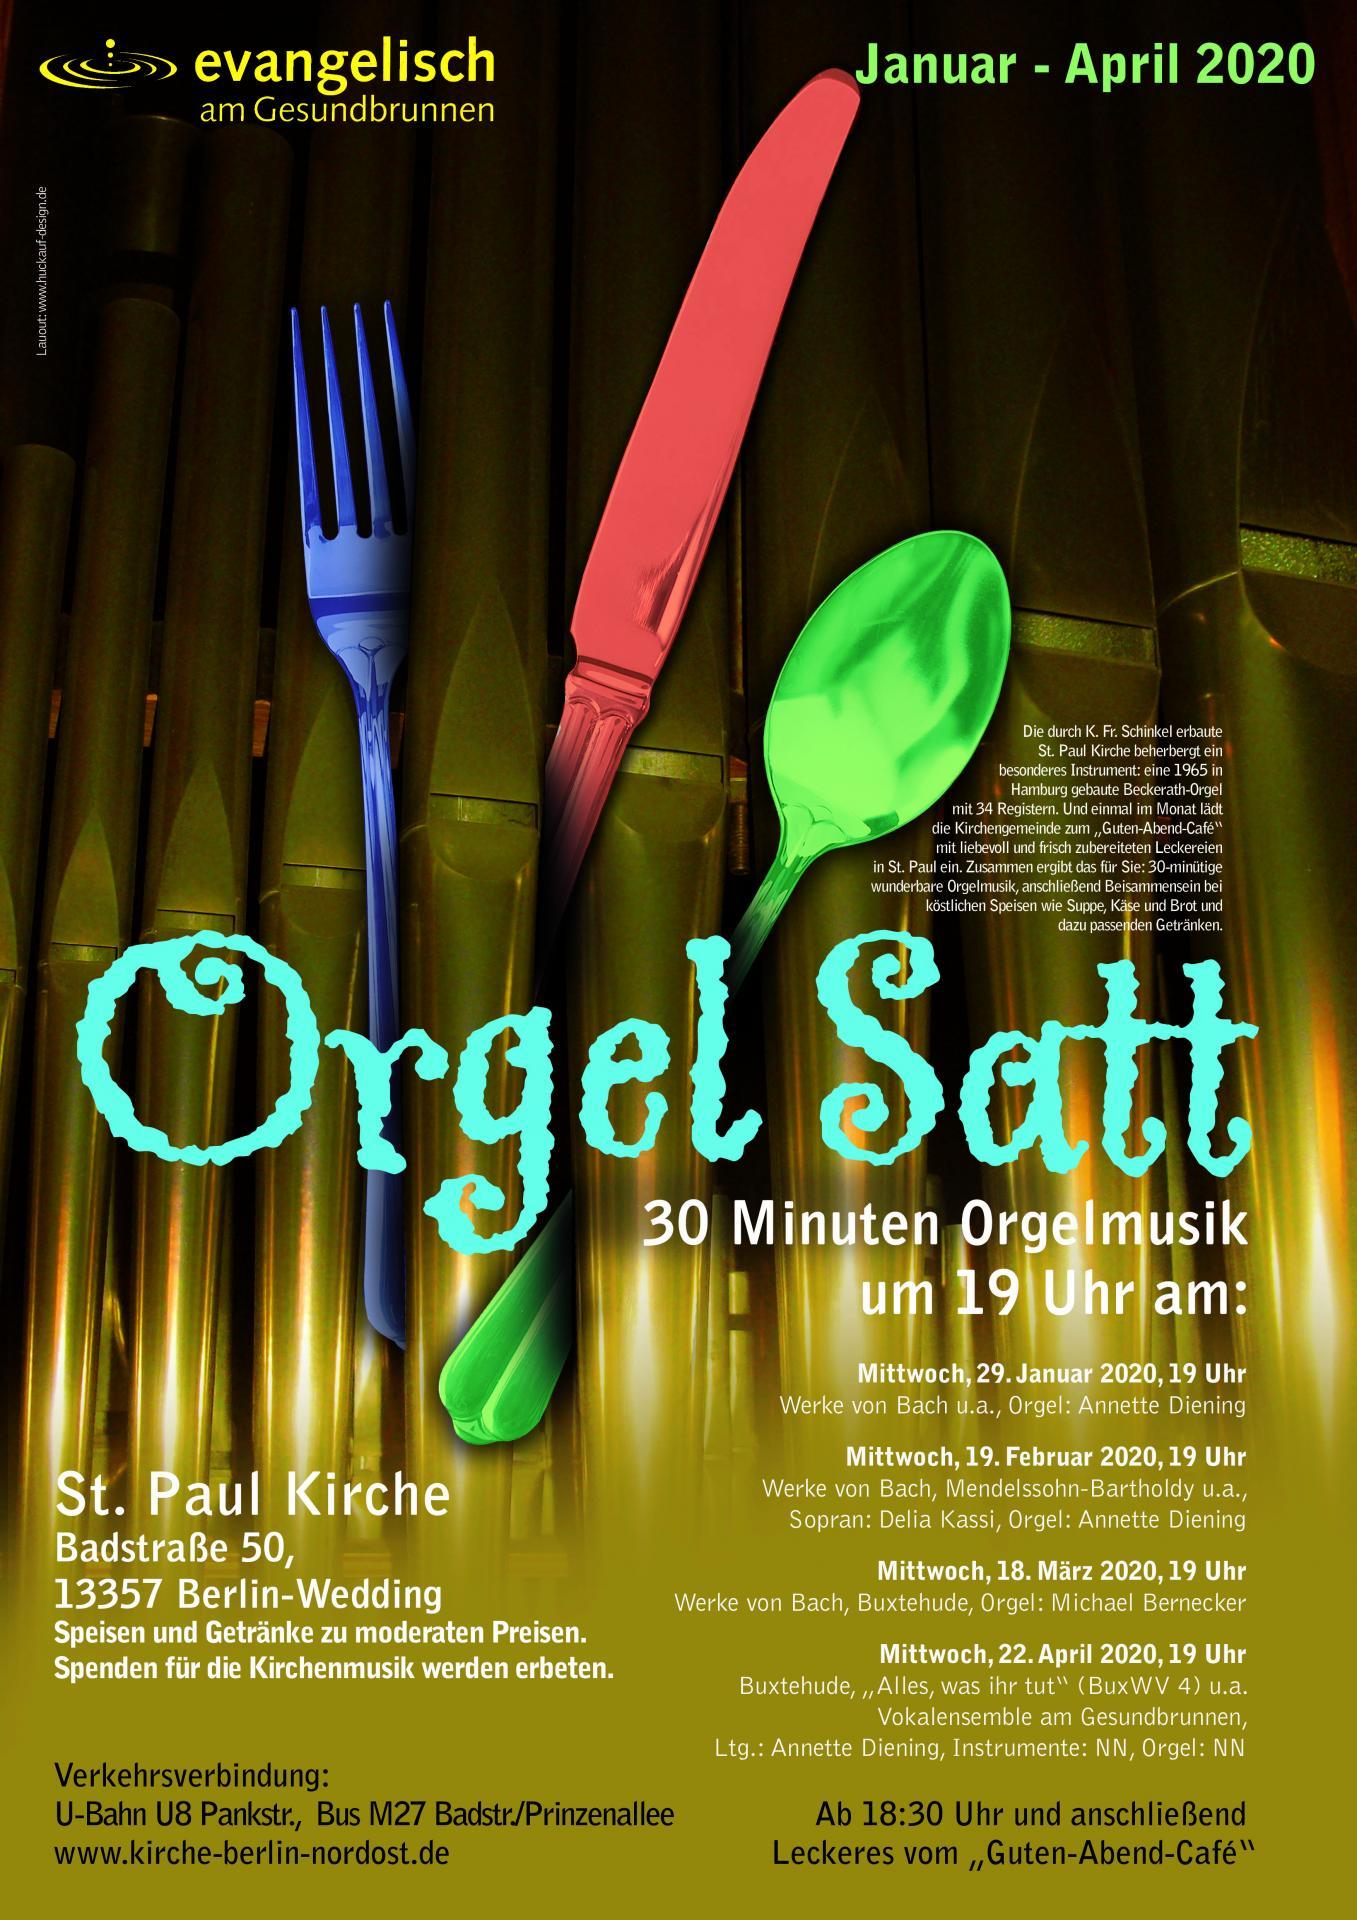 Orgel satt